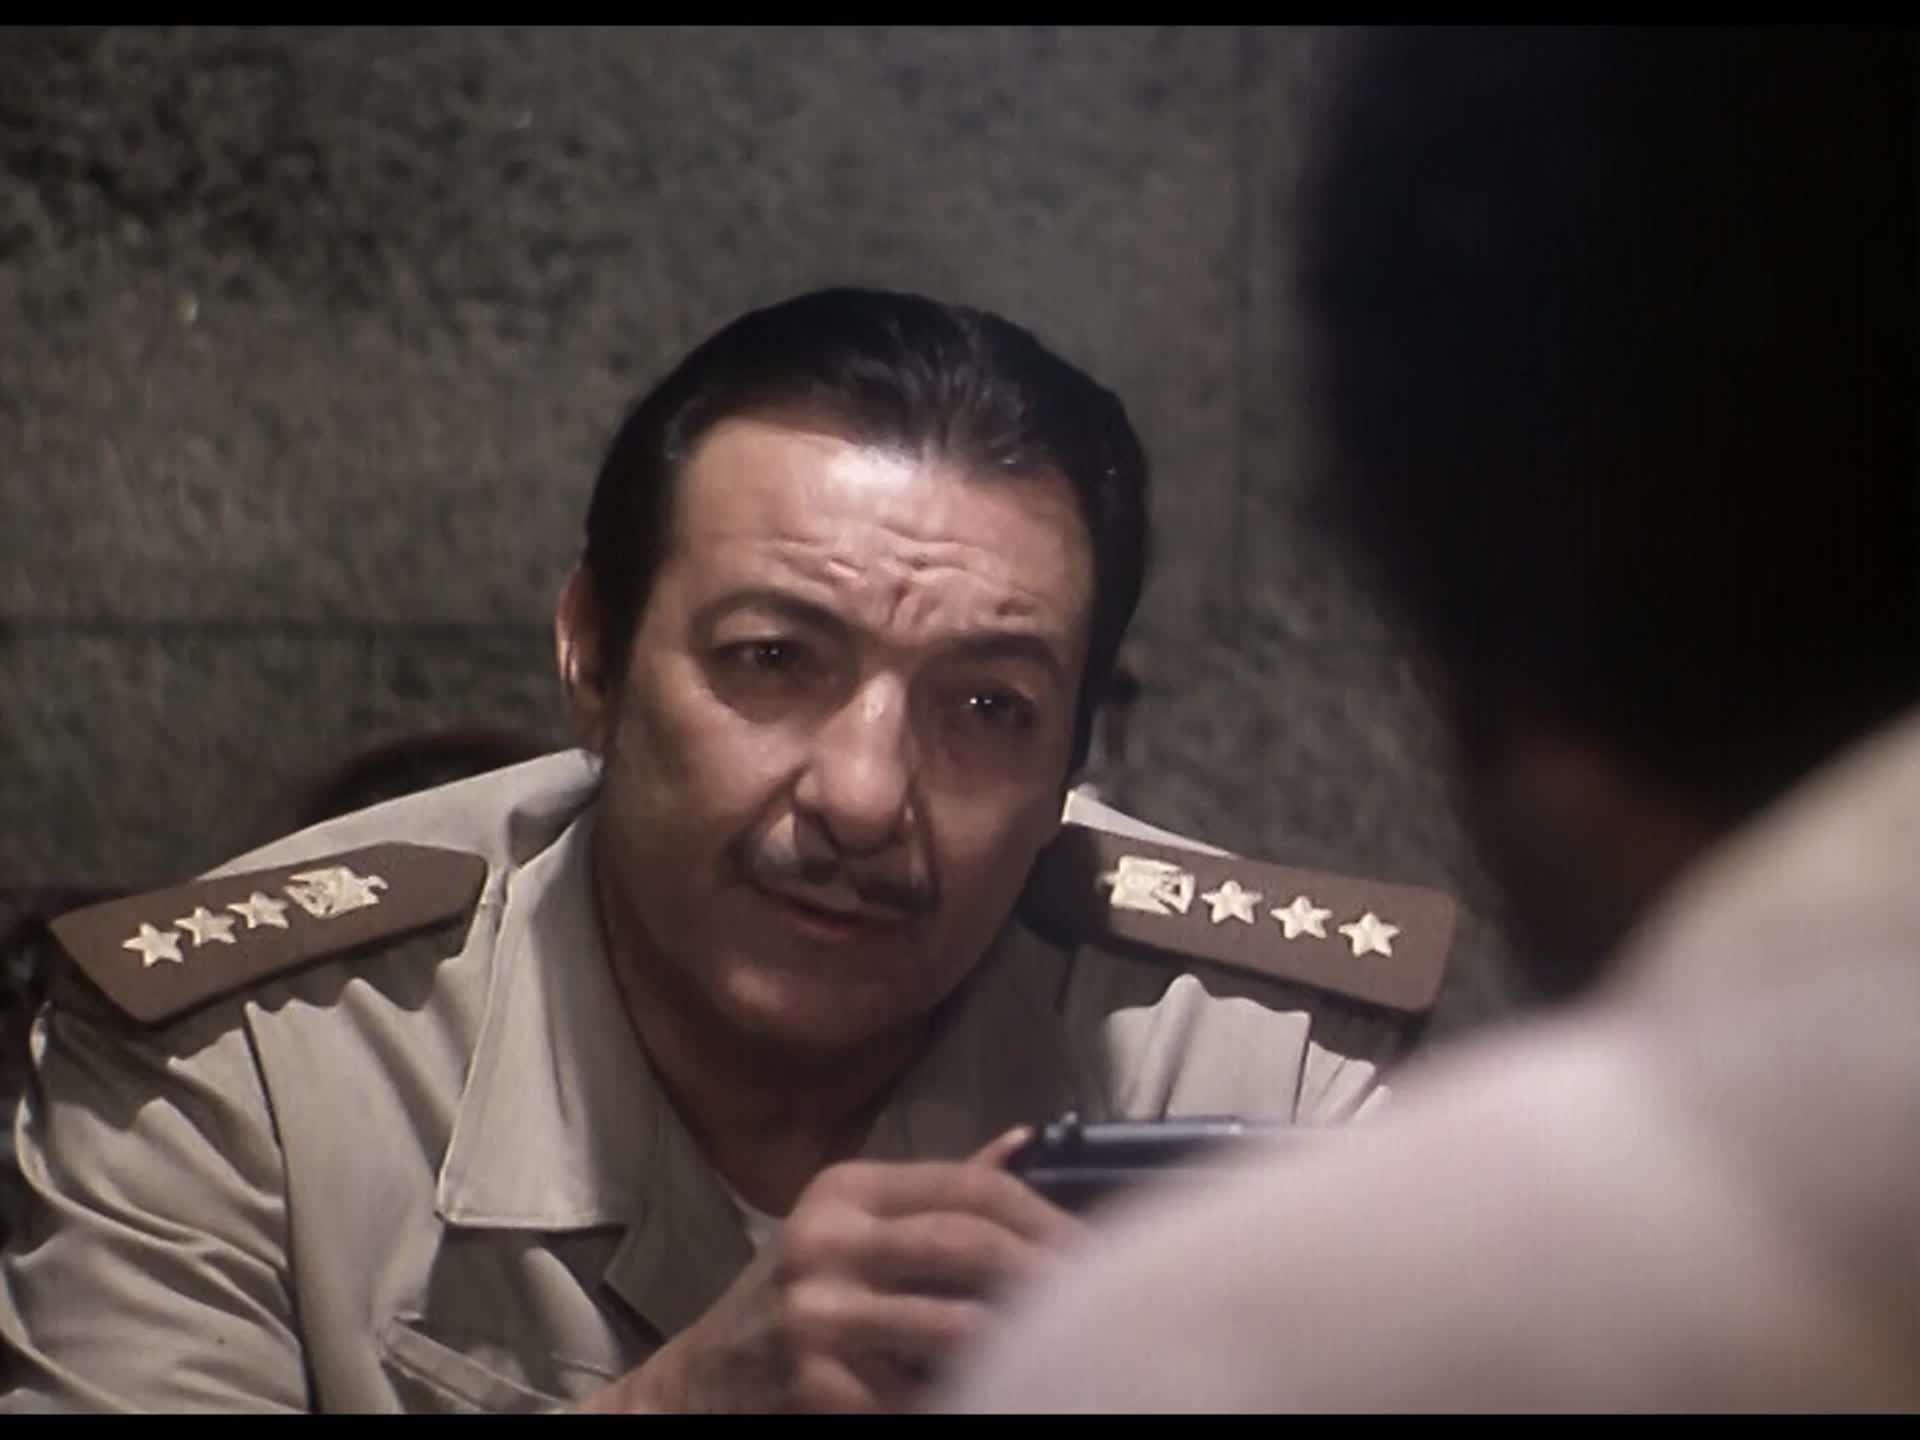 [فيلم][تورنت][تحميل][وراء الشمس][1978][1080p][Web-DL] 16 arabp2p.com